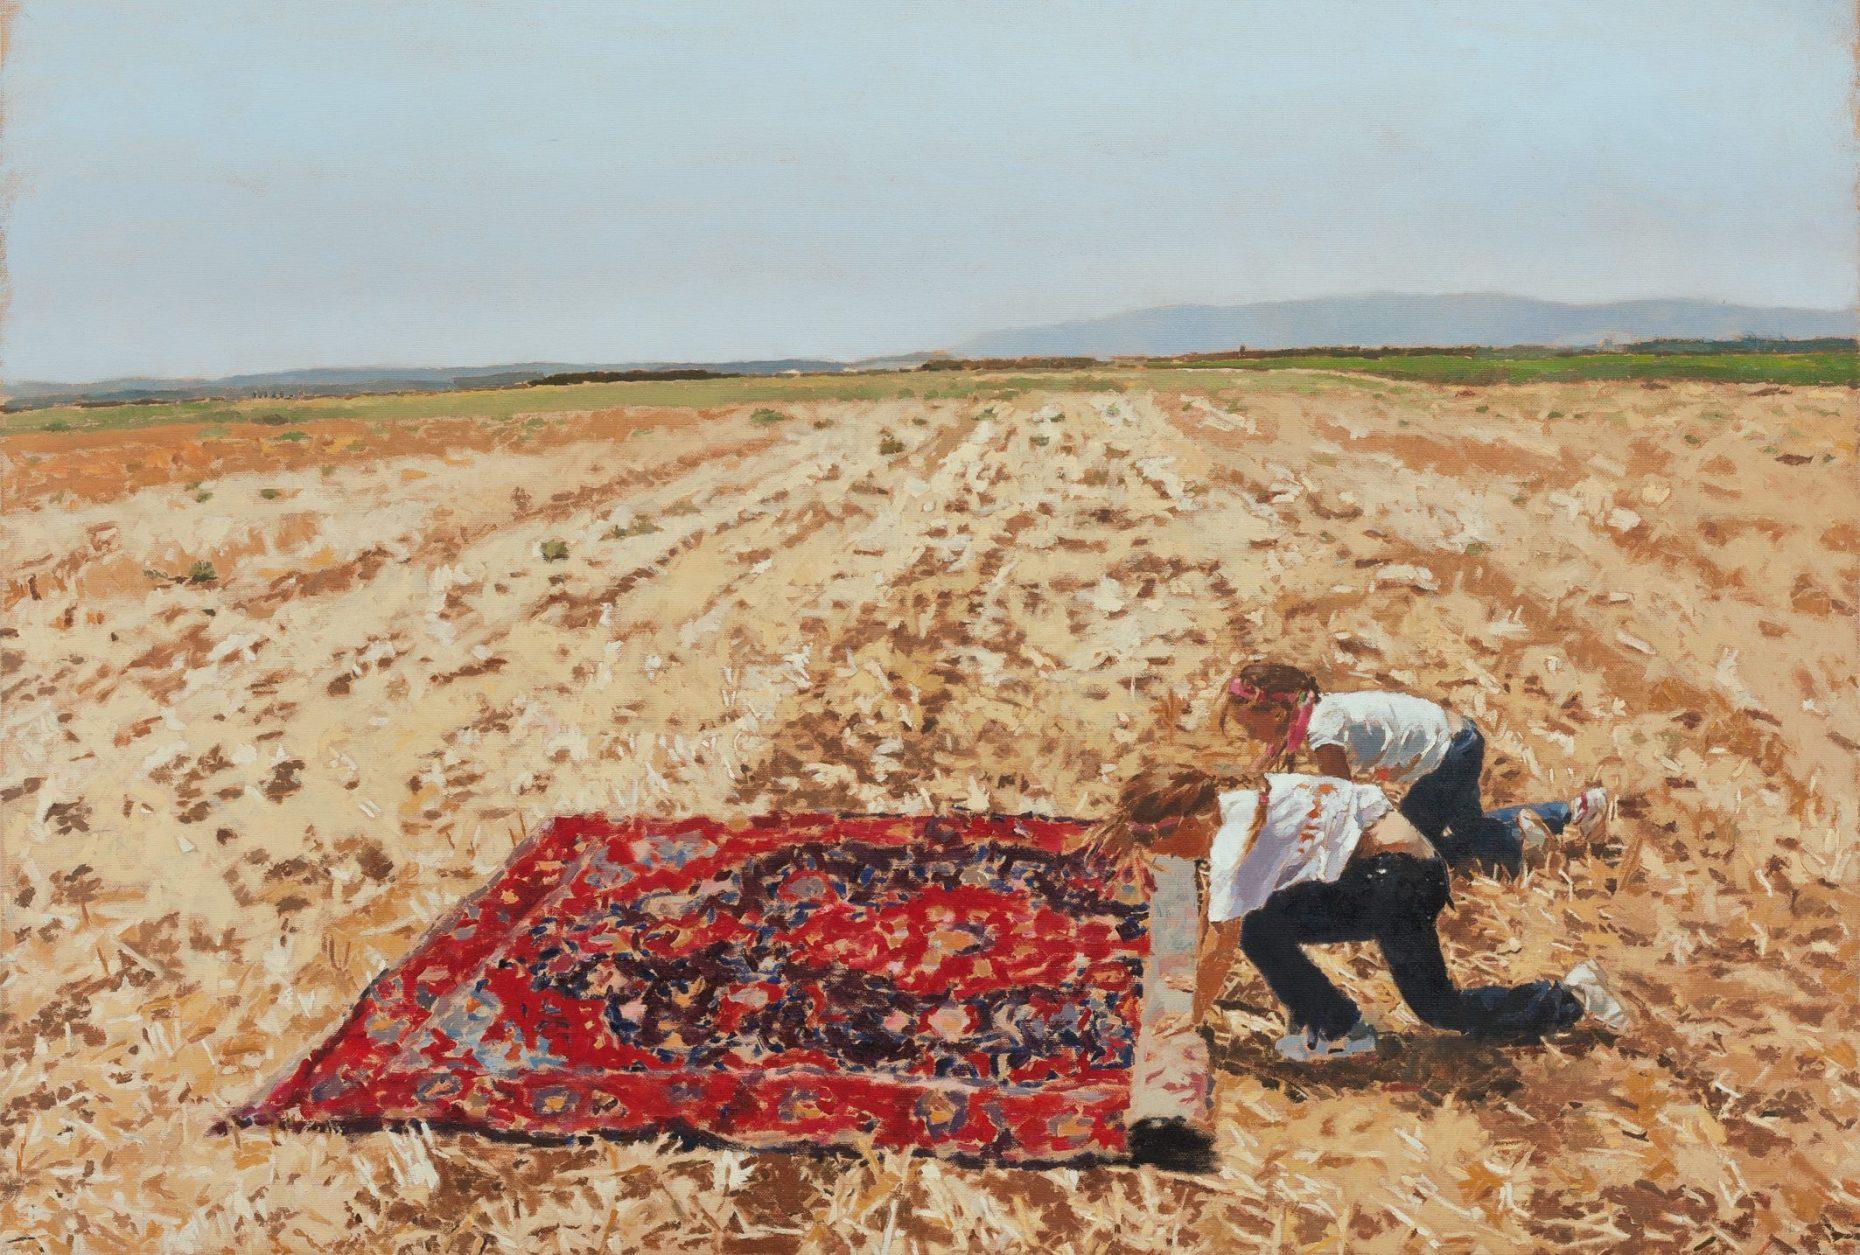 Умение превратить банальность в духовность. Десятилетие премии имени Хаима Шиффа в области фигуративно-реалистического искусства